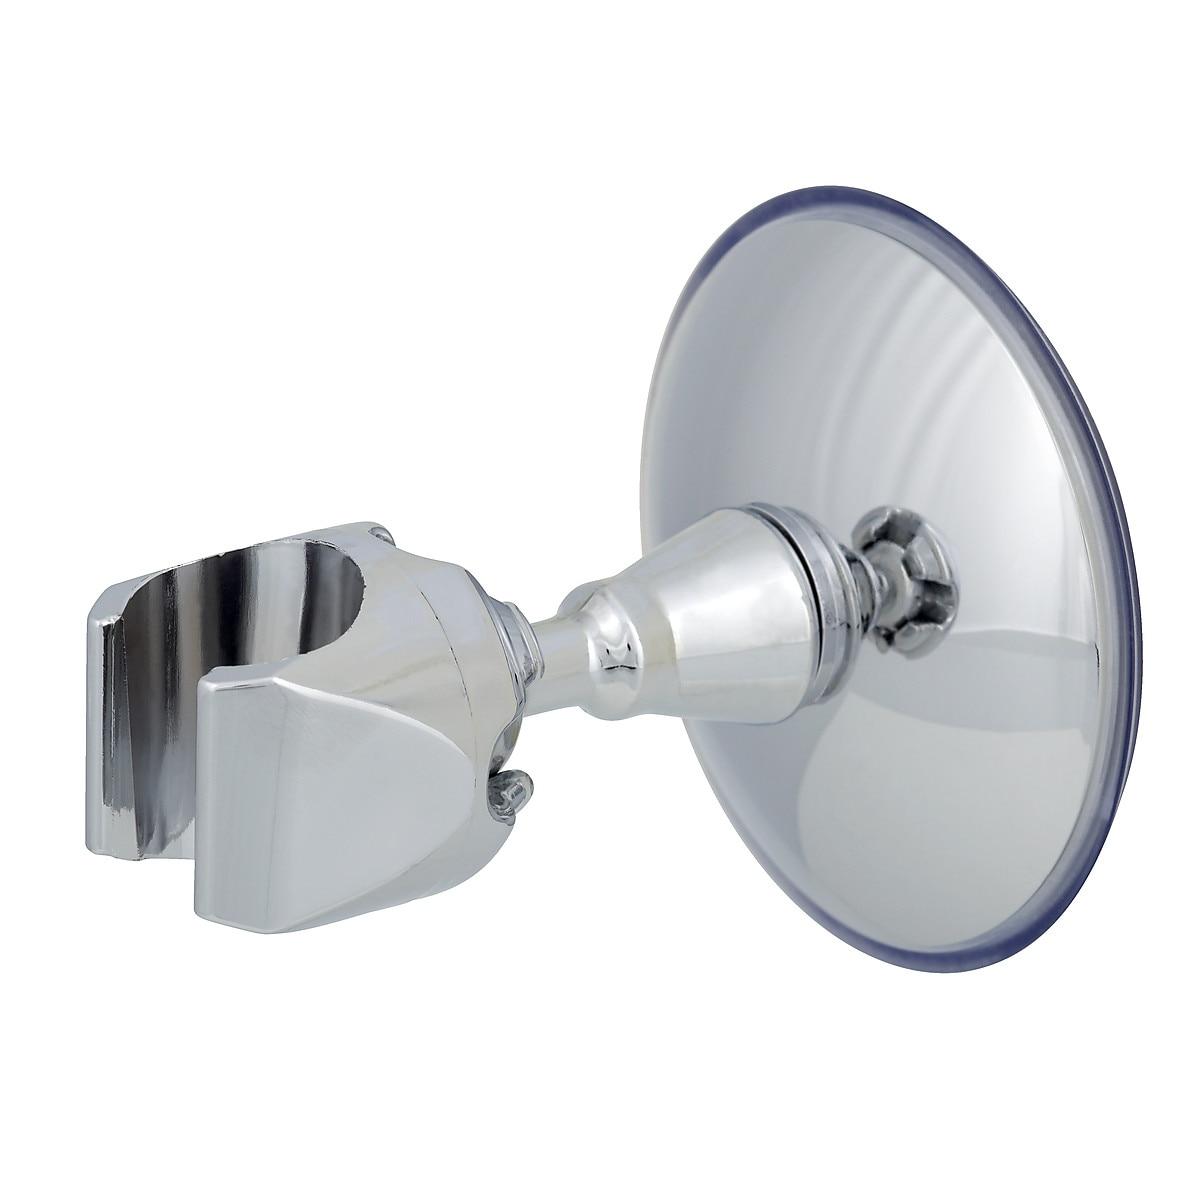 Vakuumfäste för duschhandtag